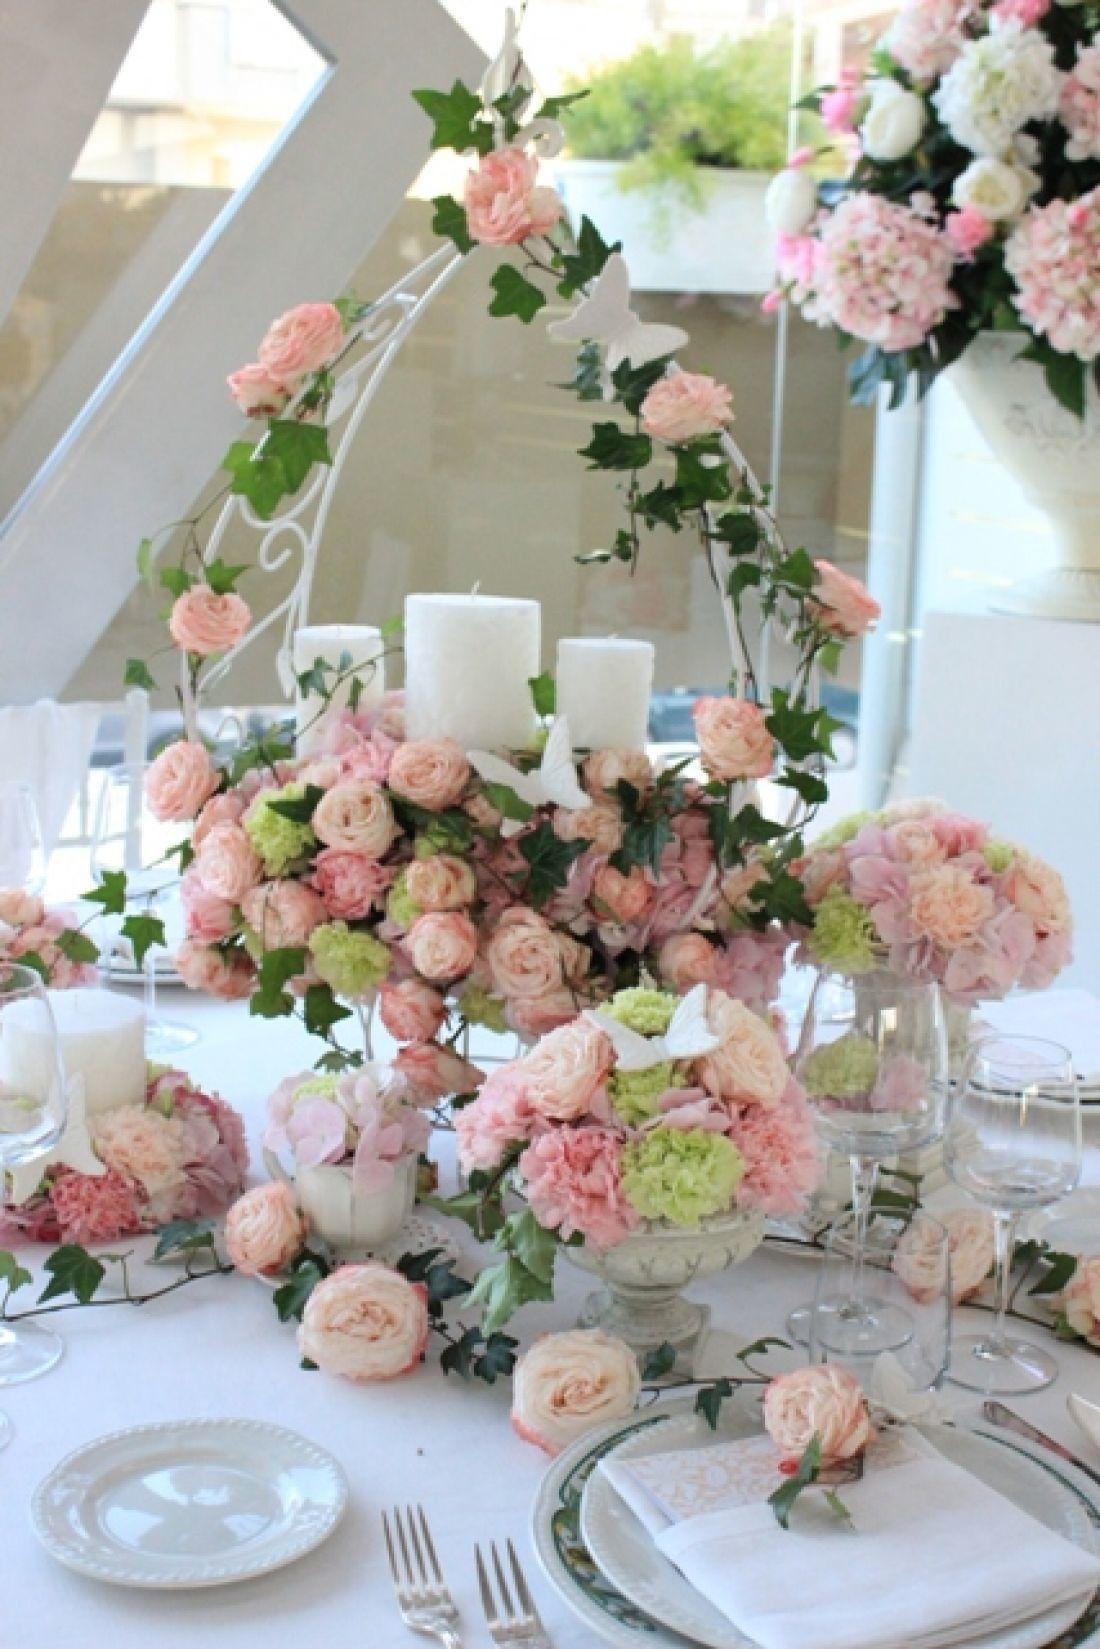 Idee Per Un Matrimonio Country Chic : Allestimenti floreali matrimonio idee e spunti per un romantico